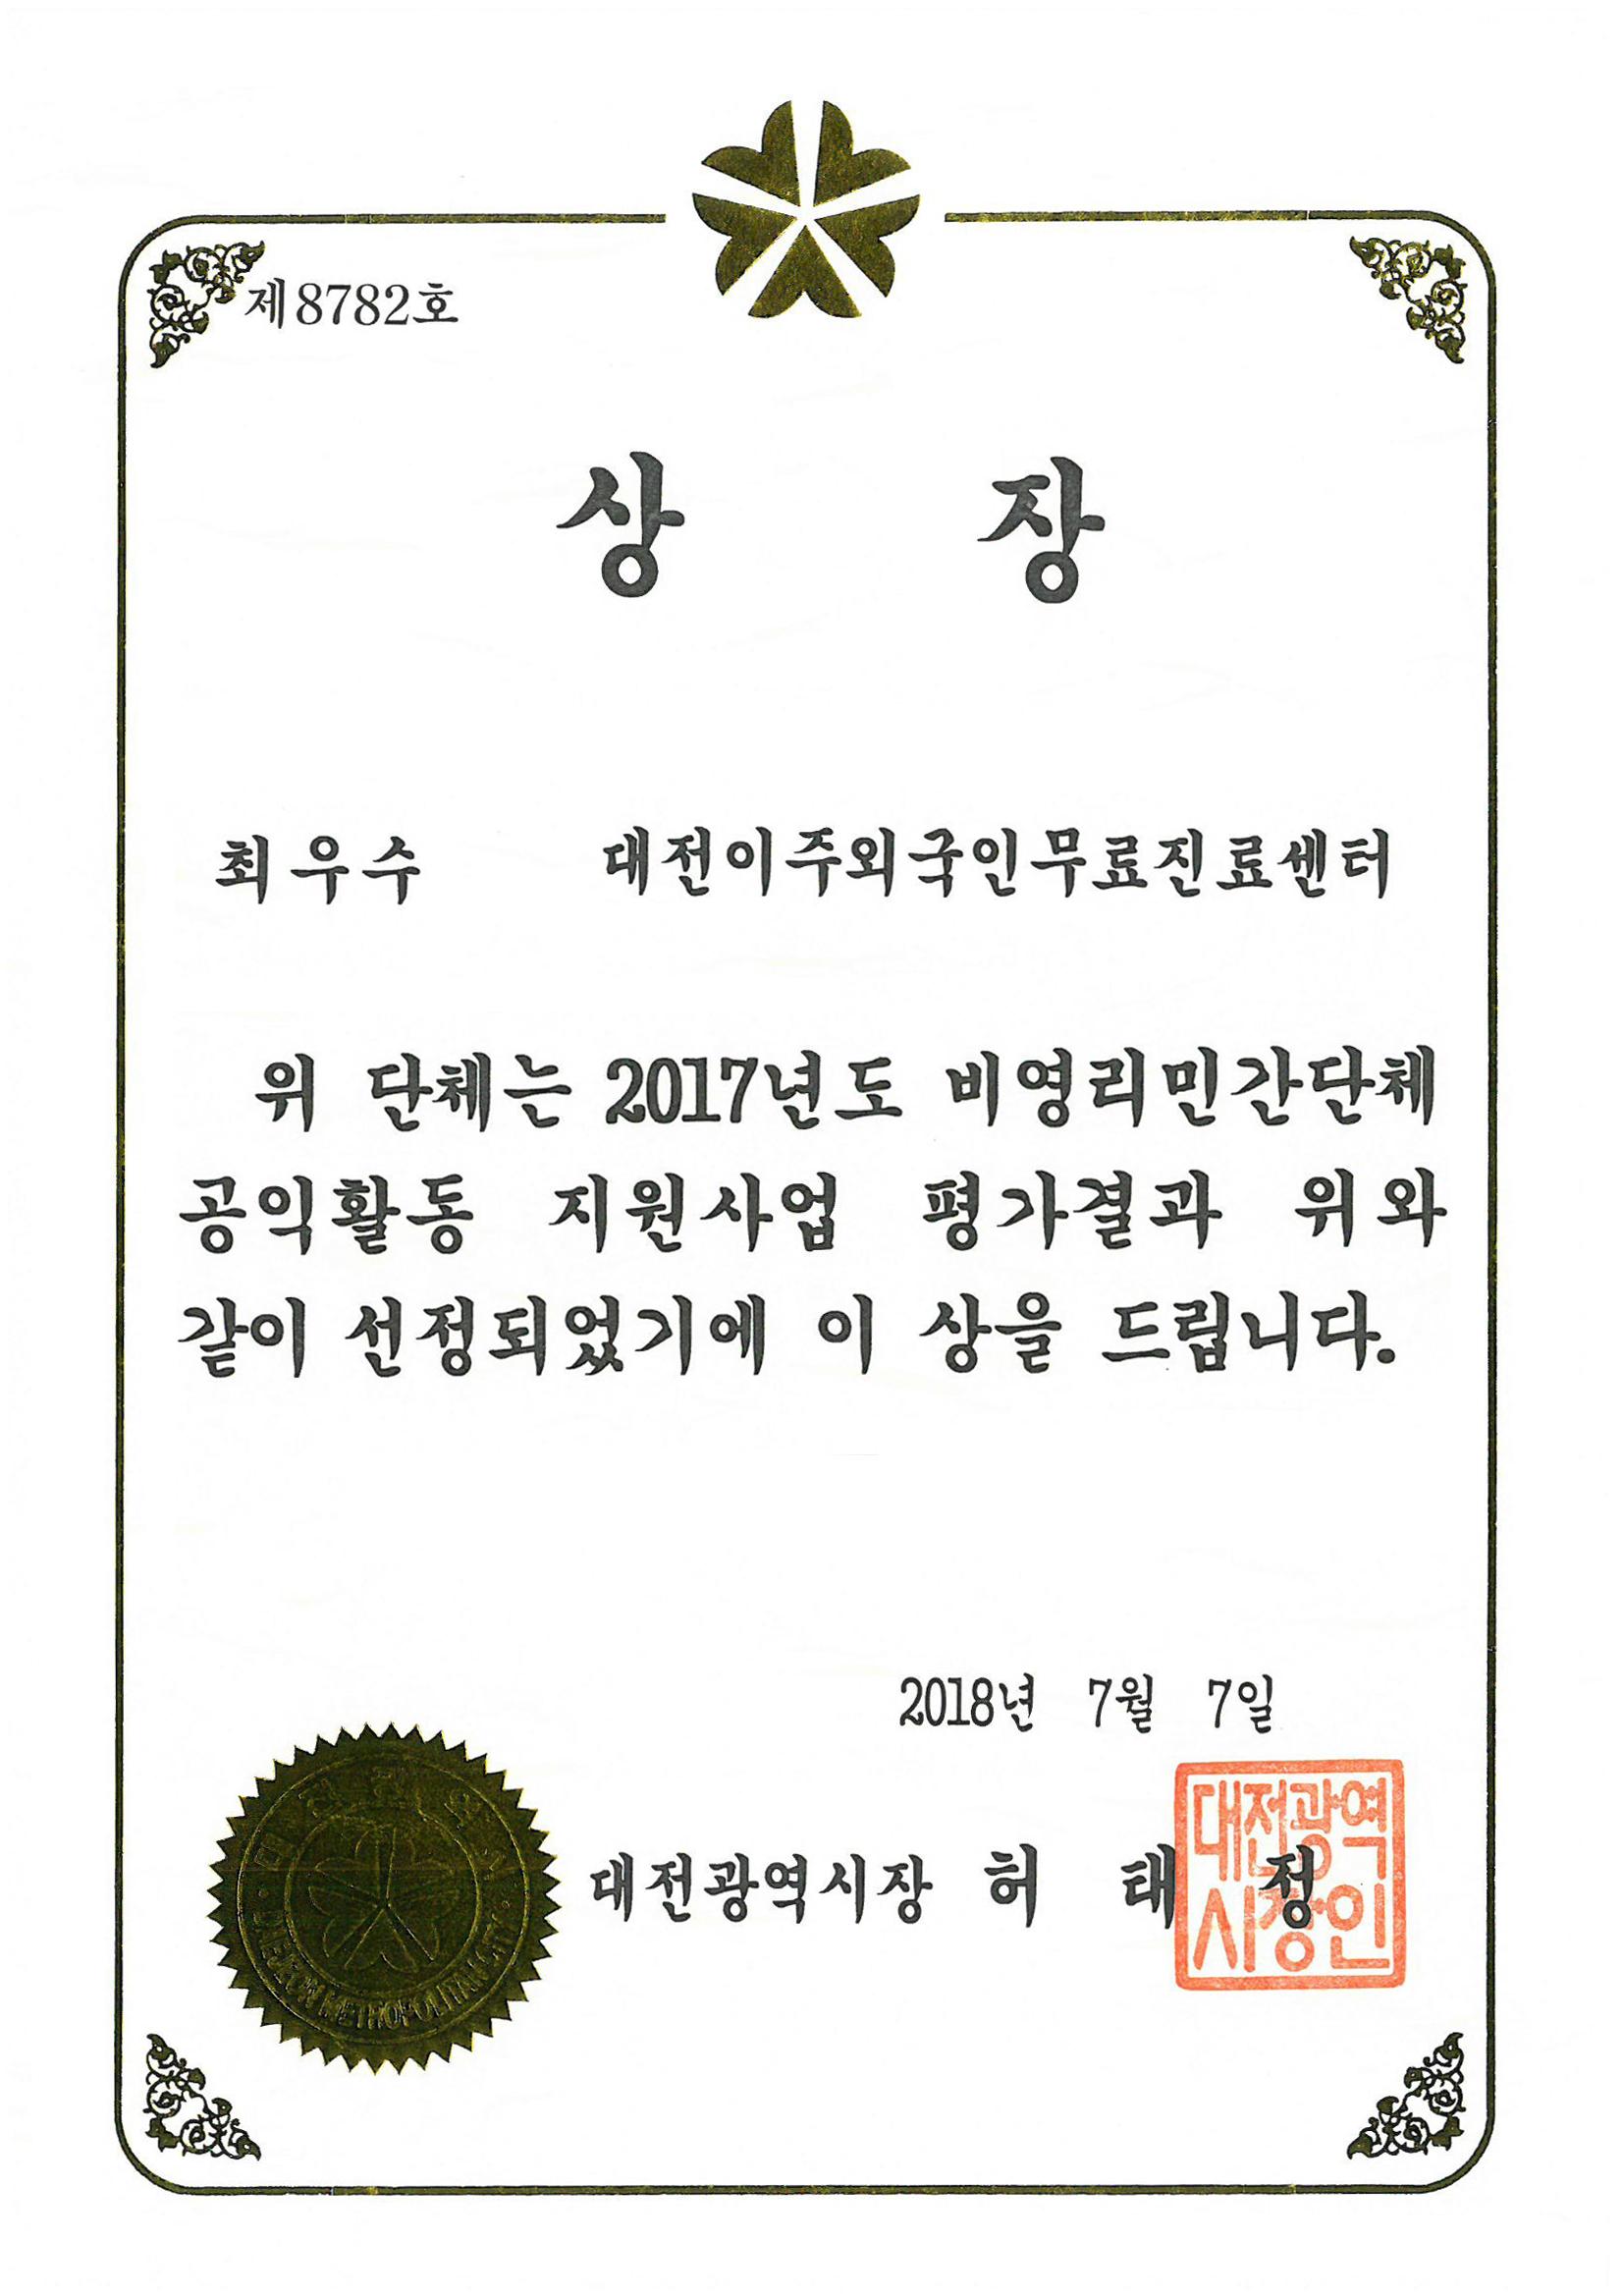 대전시 무료진료센터 최우수 상장.jpg